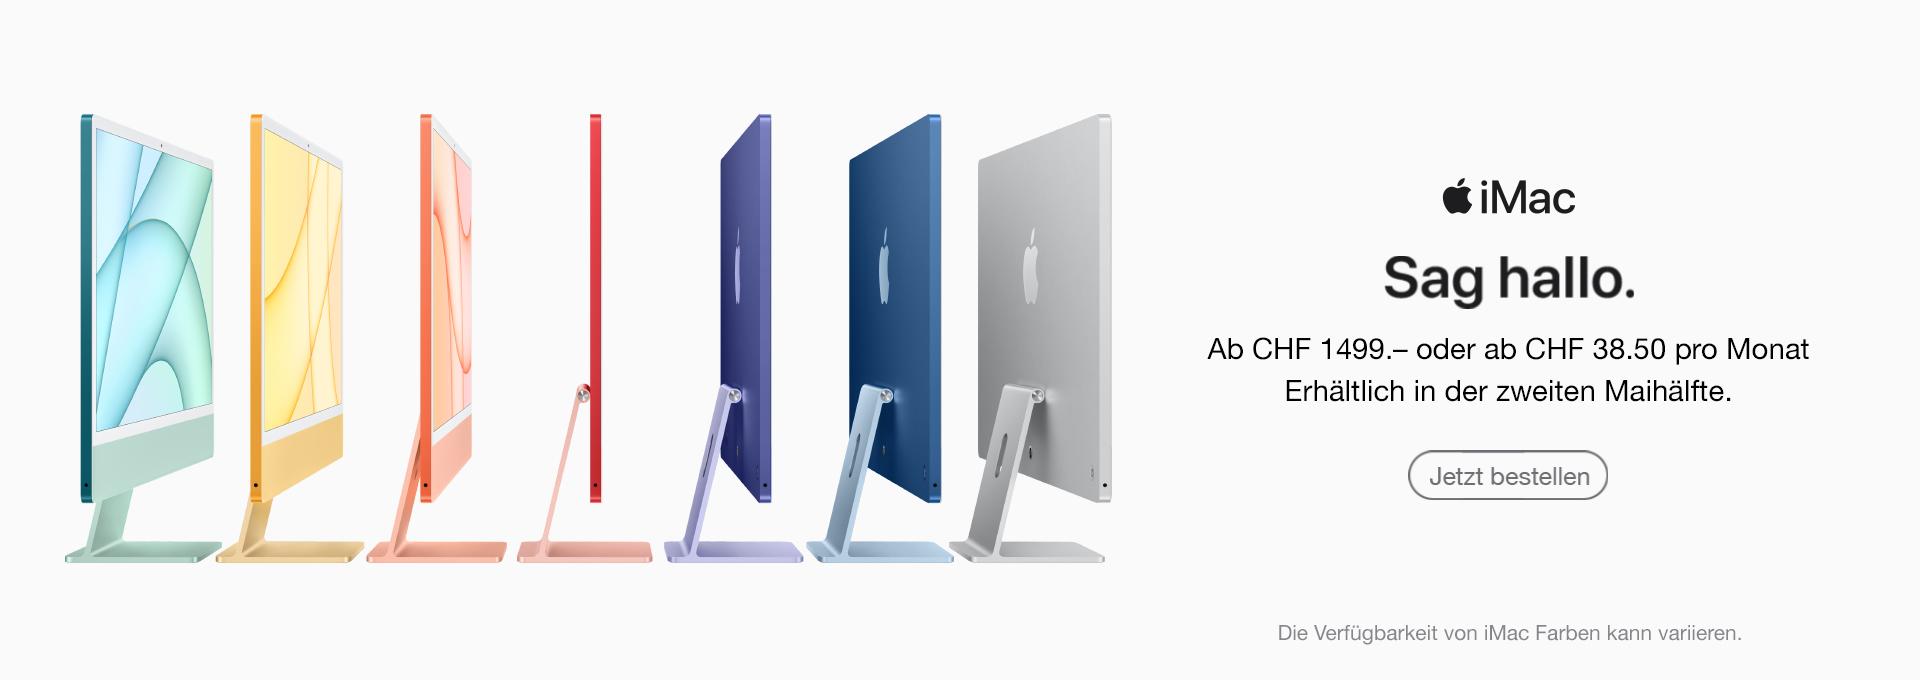 Slider Apple iMac 24 Zoll